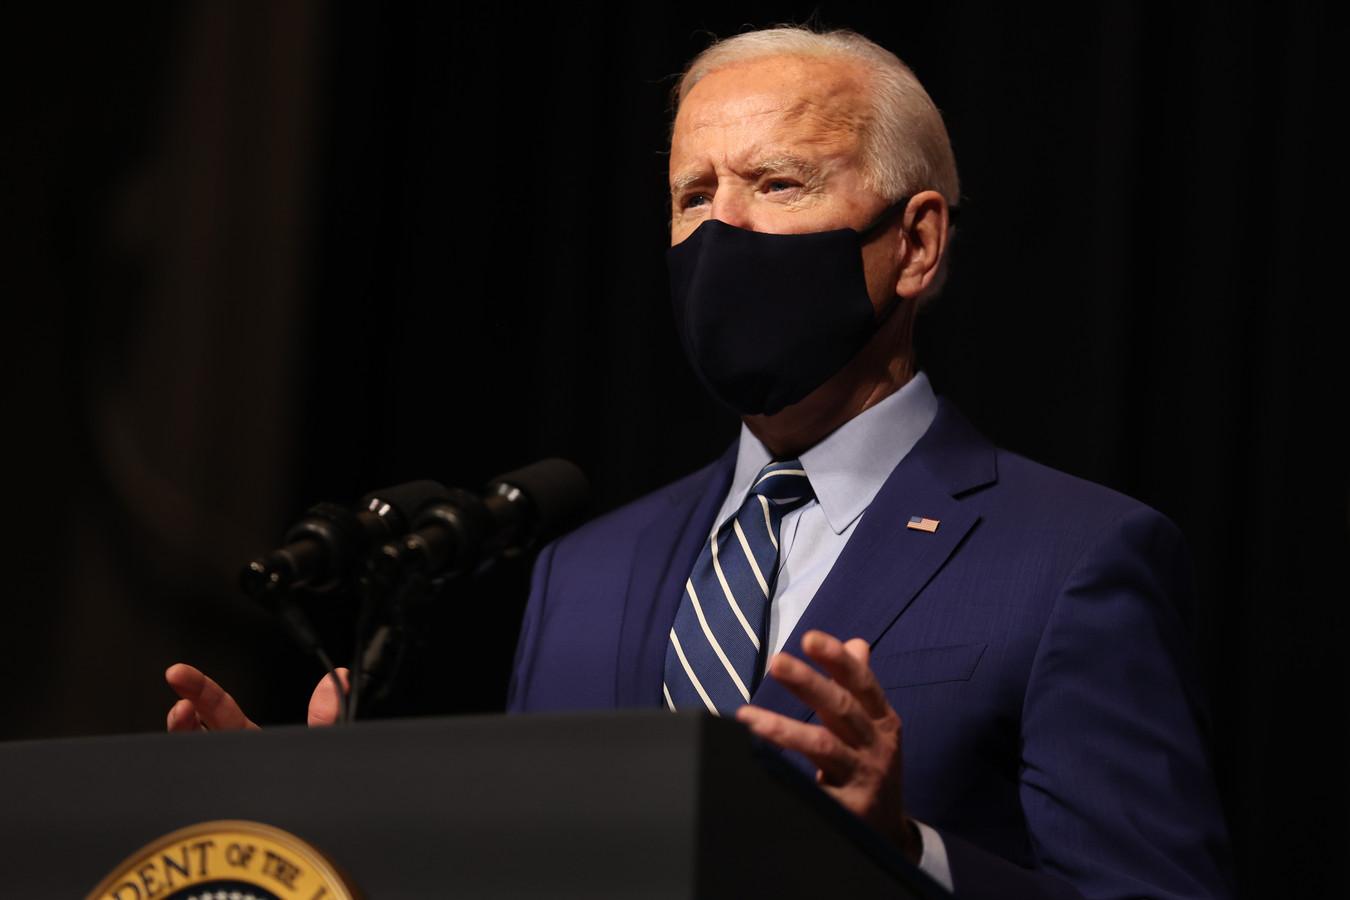 Volgens de Amerikaanse president Joe Biden stond de aanklacht tegen zijn voorganger Donald Trump in het impeachmentproces niet ter discussie.